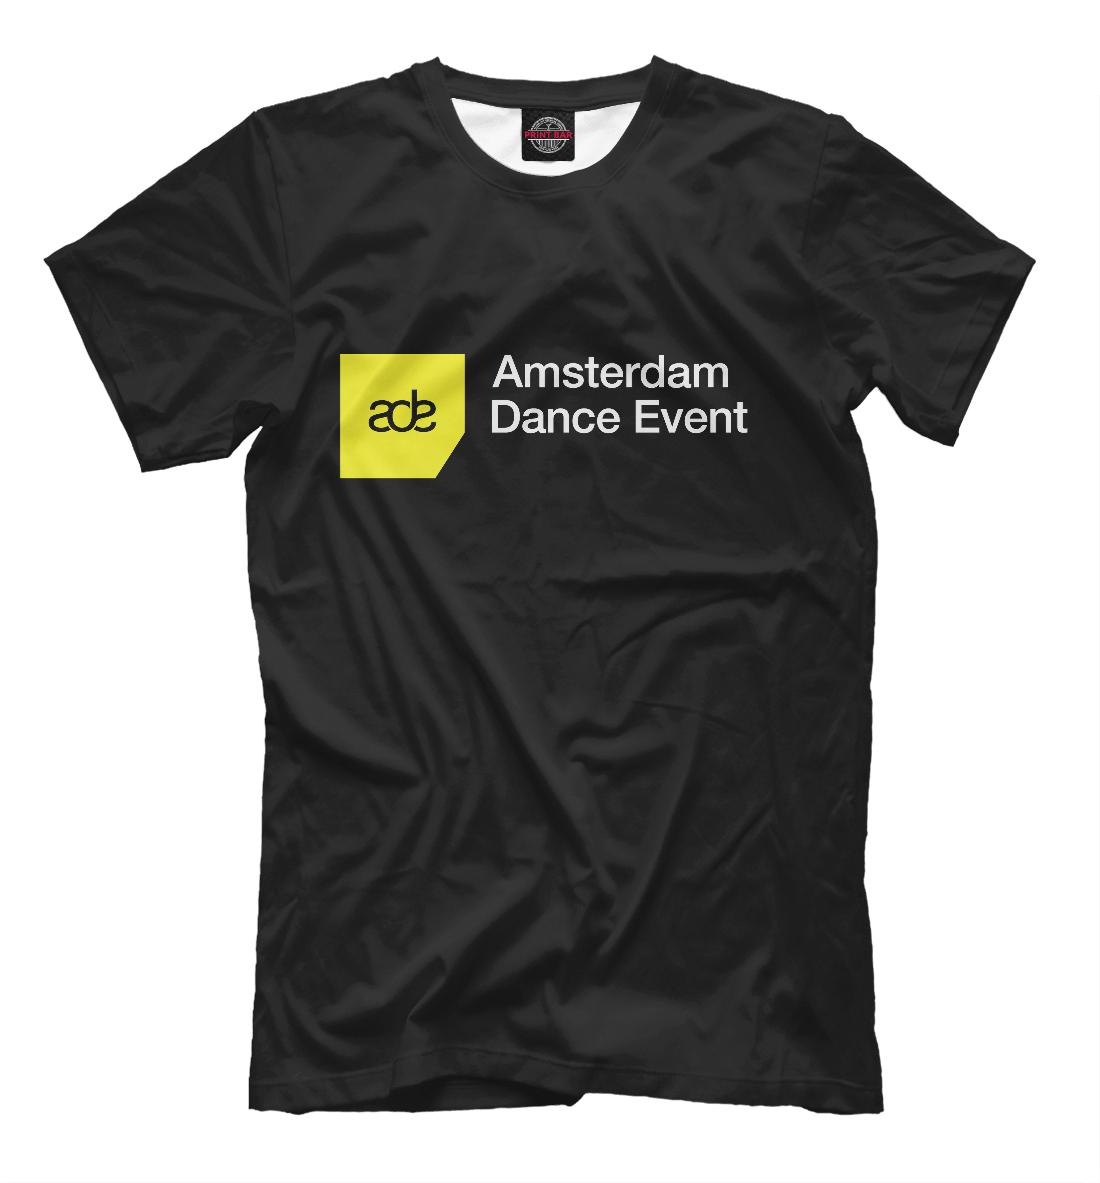 Купить Amsterdam Dance Event, Printbar, Футболки, DJS-406901-fut-2